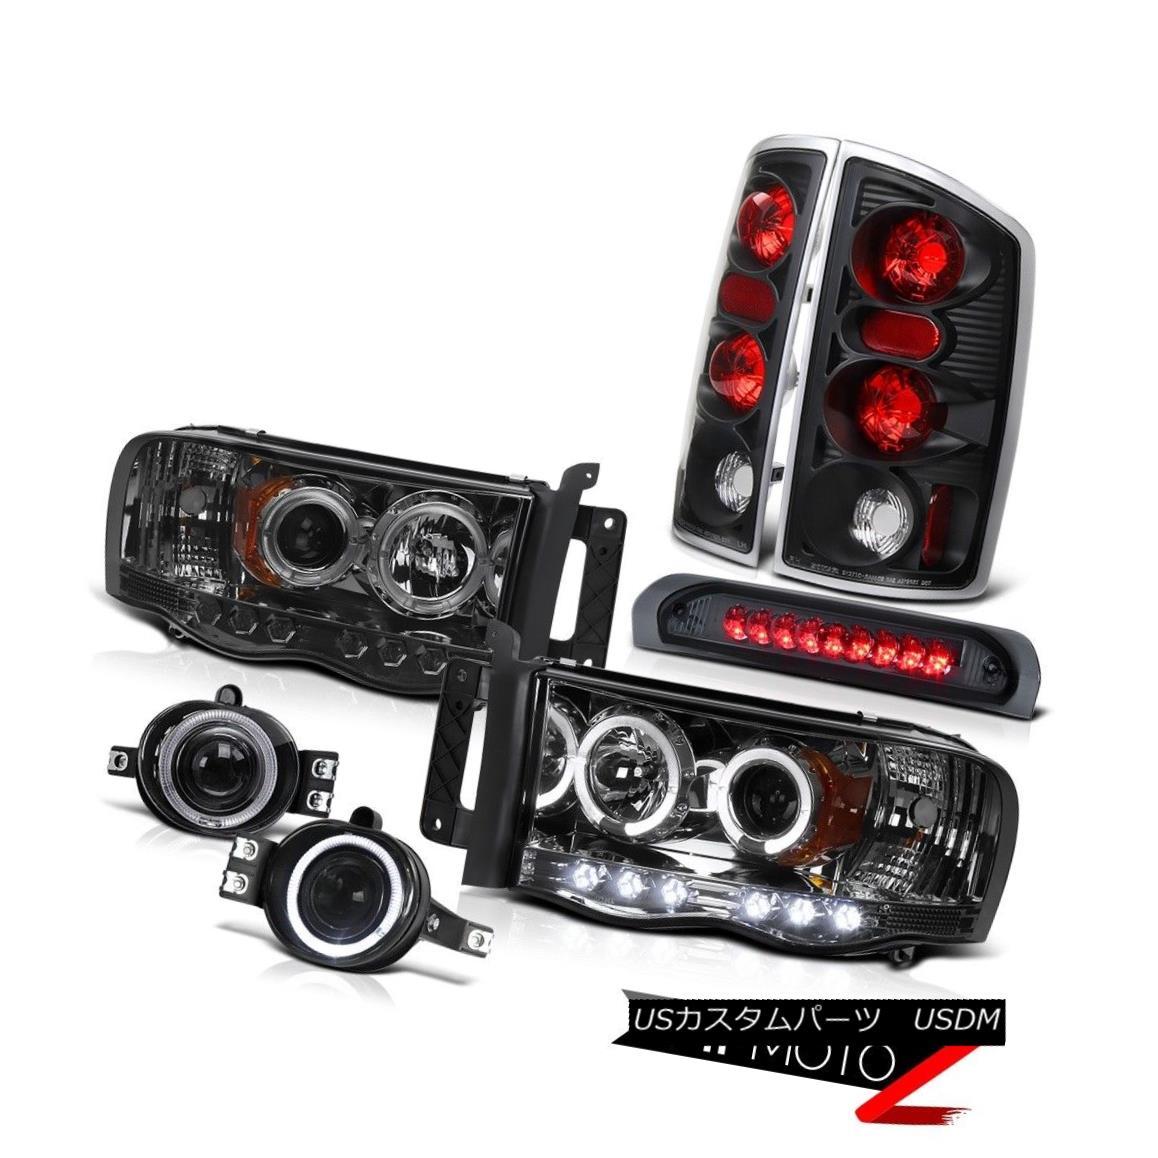 テールライト RAM 02-05 Dodge Smoke Halo Projector Headlight+LED 3rd Brake/Tail Light+Fog Lamp RAM 02-05ダッジスモークハロープロジェクターヘッドライト+ LED第3ブレーキ/テールライト+フォグランプ